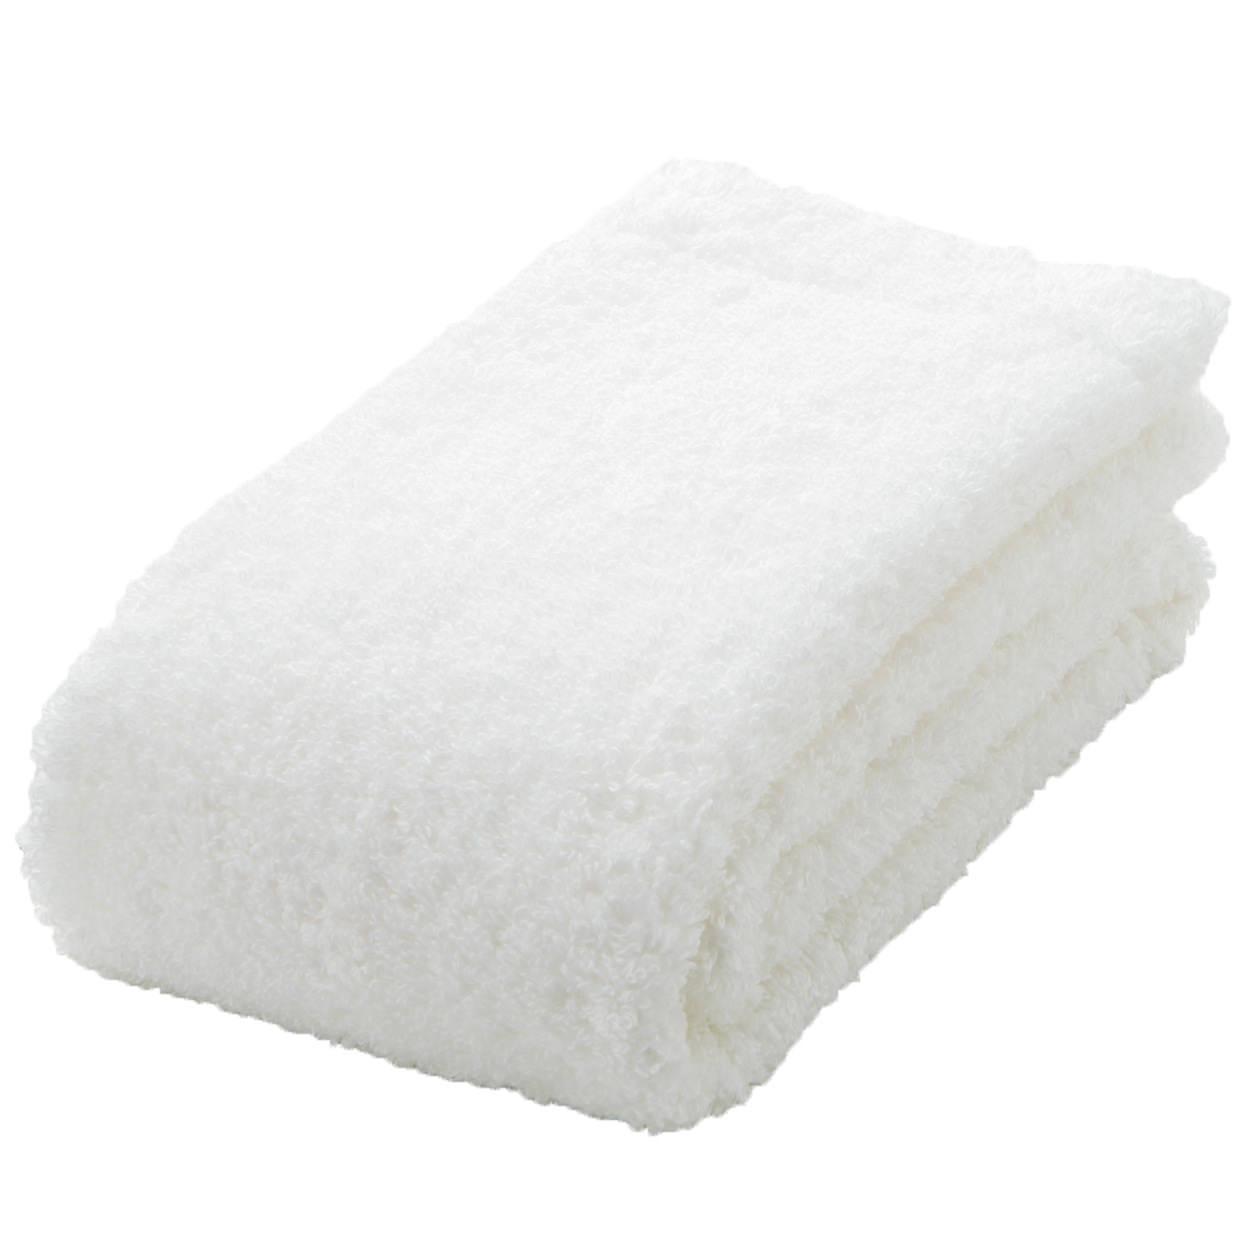 使用長纖維棉線及獨特織法,製成能常保輕柔的毛巾。備齊各種尺寸與厚度,滿足不同使用需求。